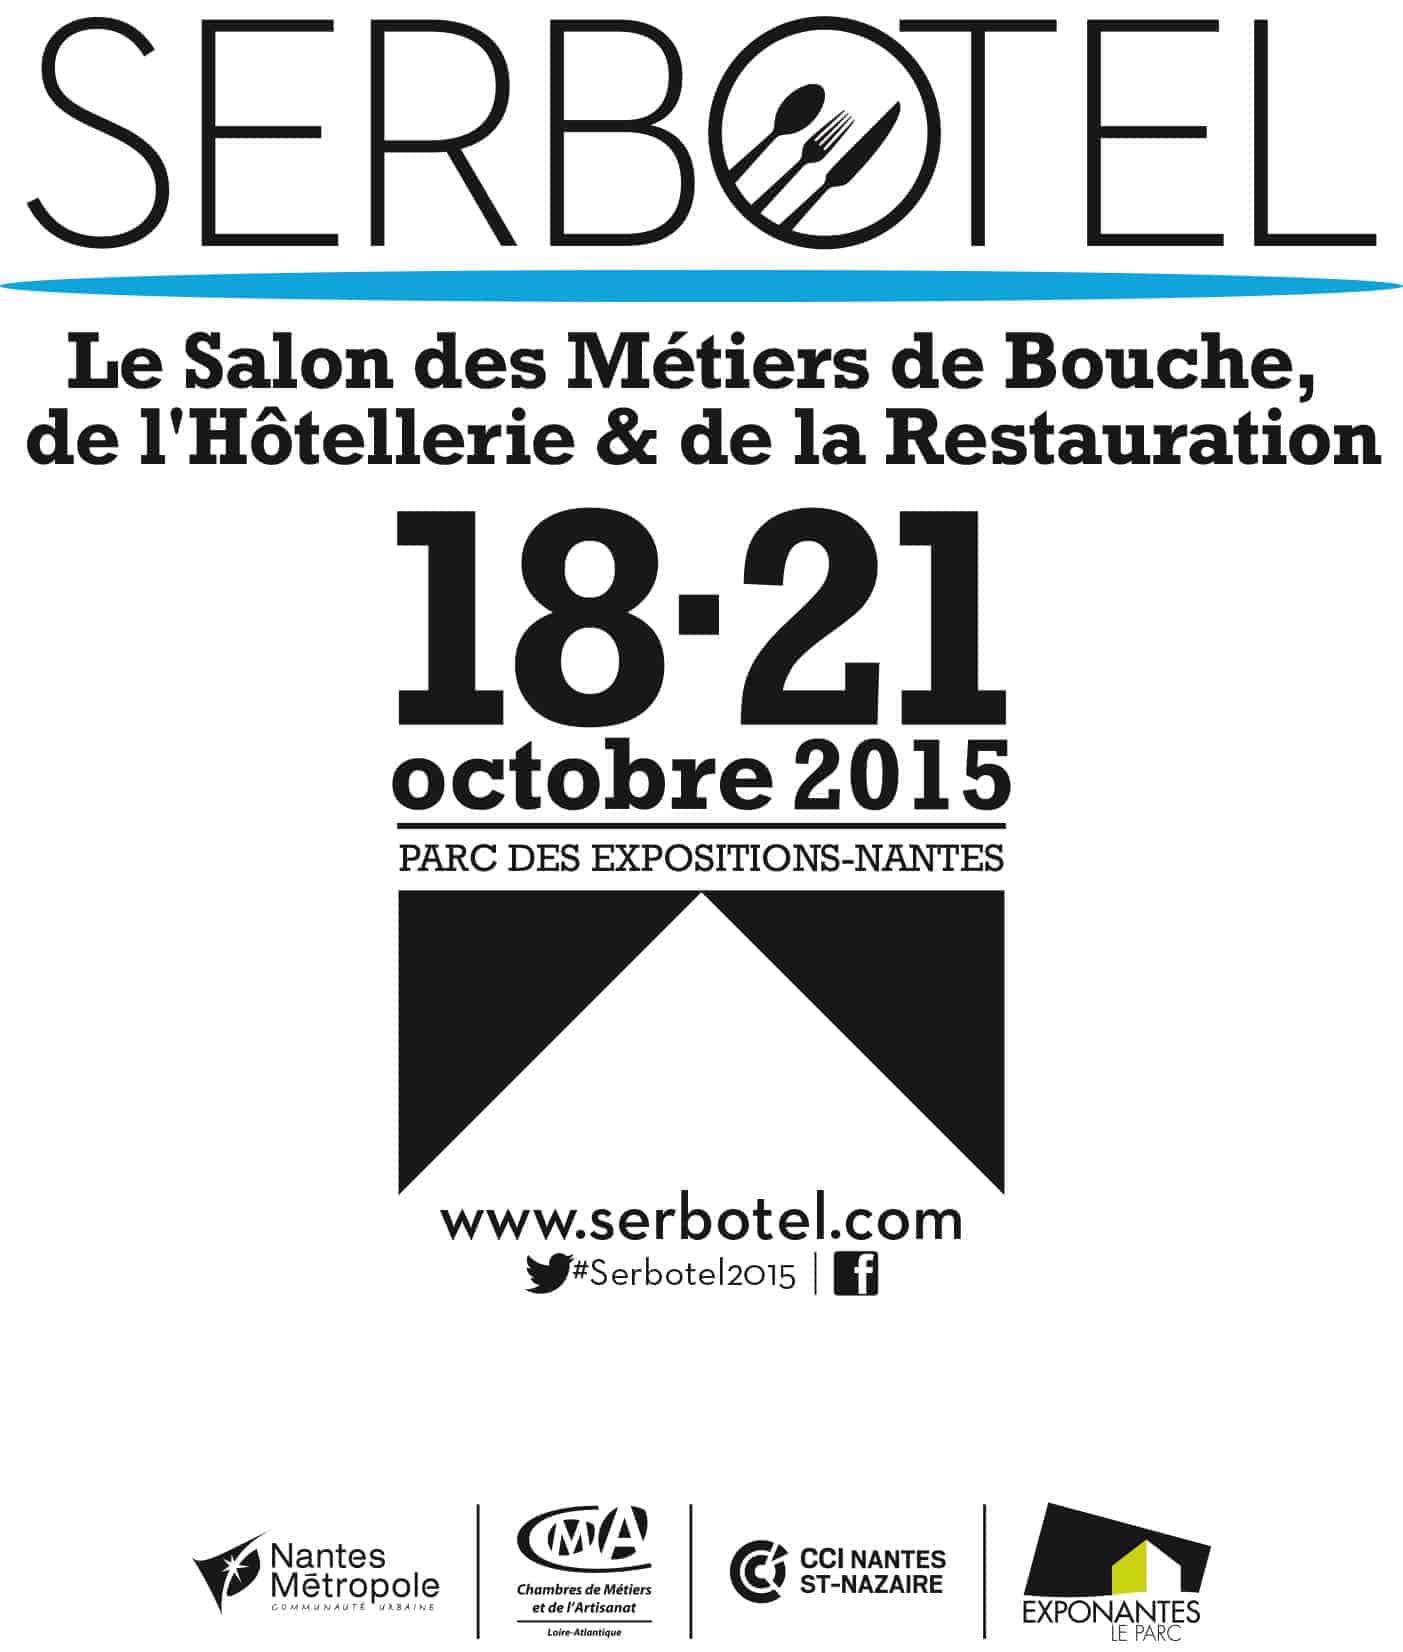 Serbotel nantes octobre 2015 garden art for Salon serbotel